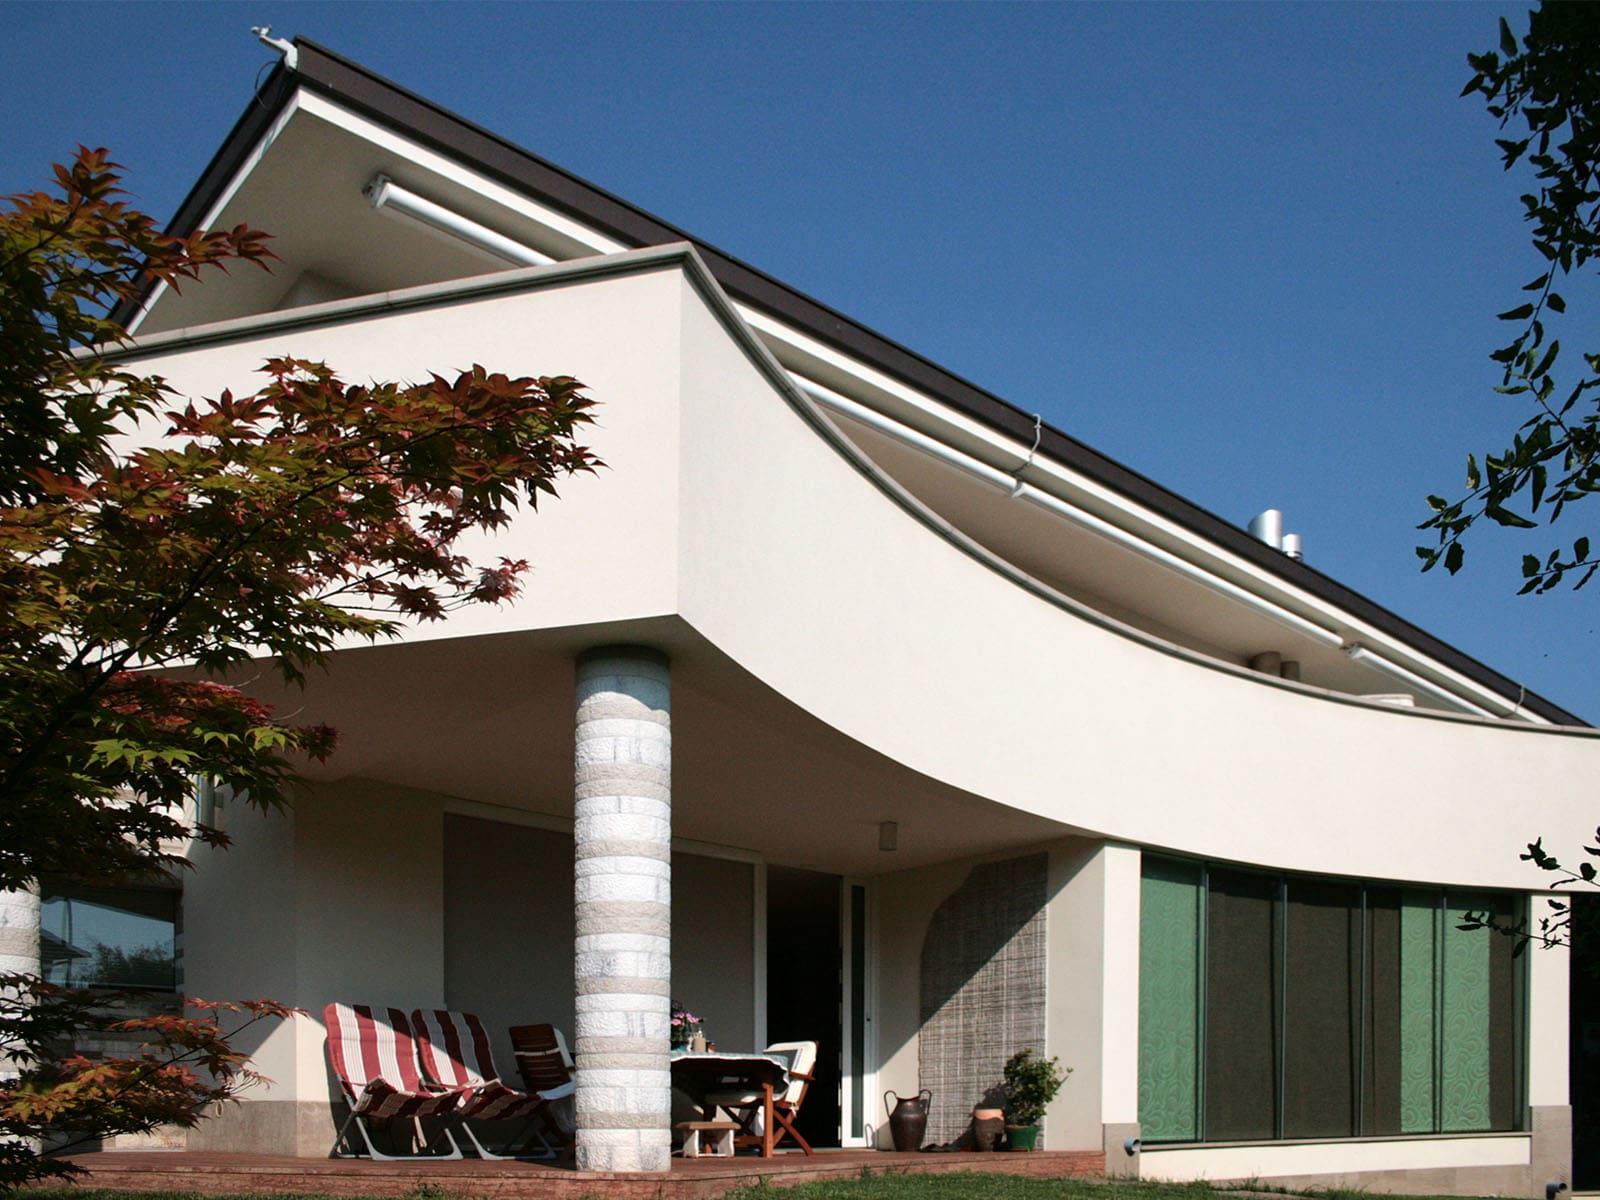 Linee curve per una villa moderna